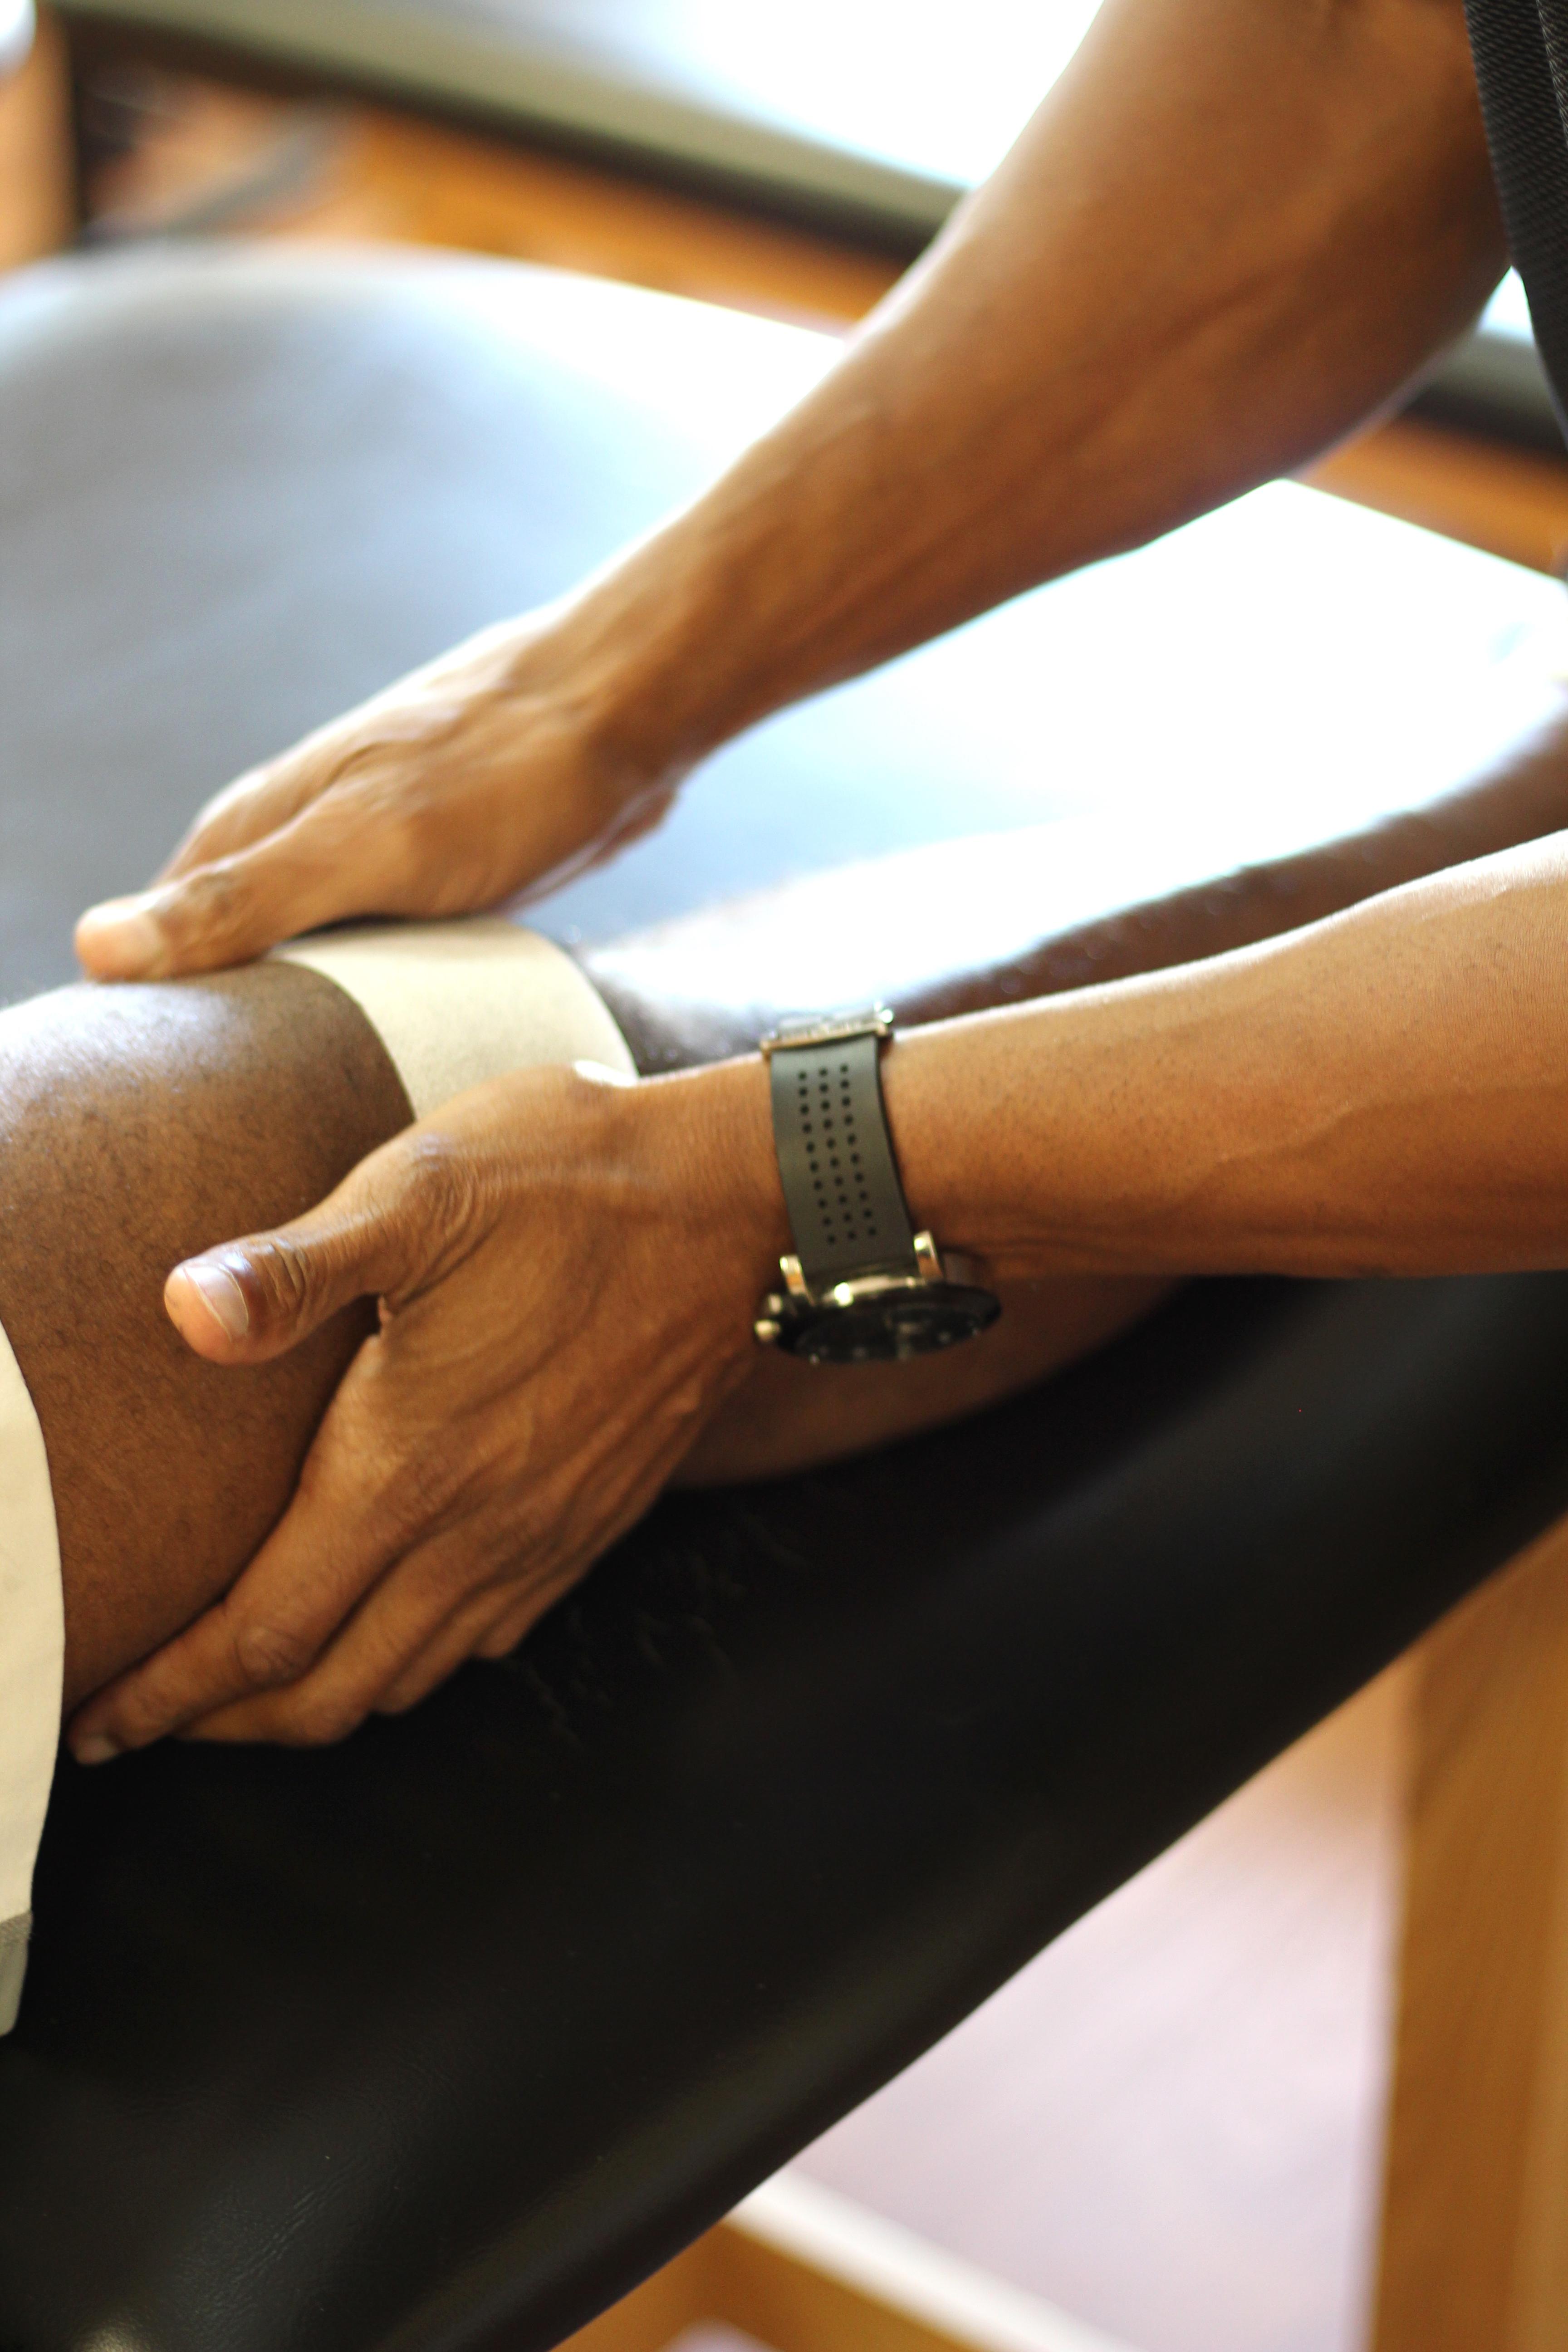 Taping knee